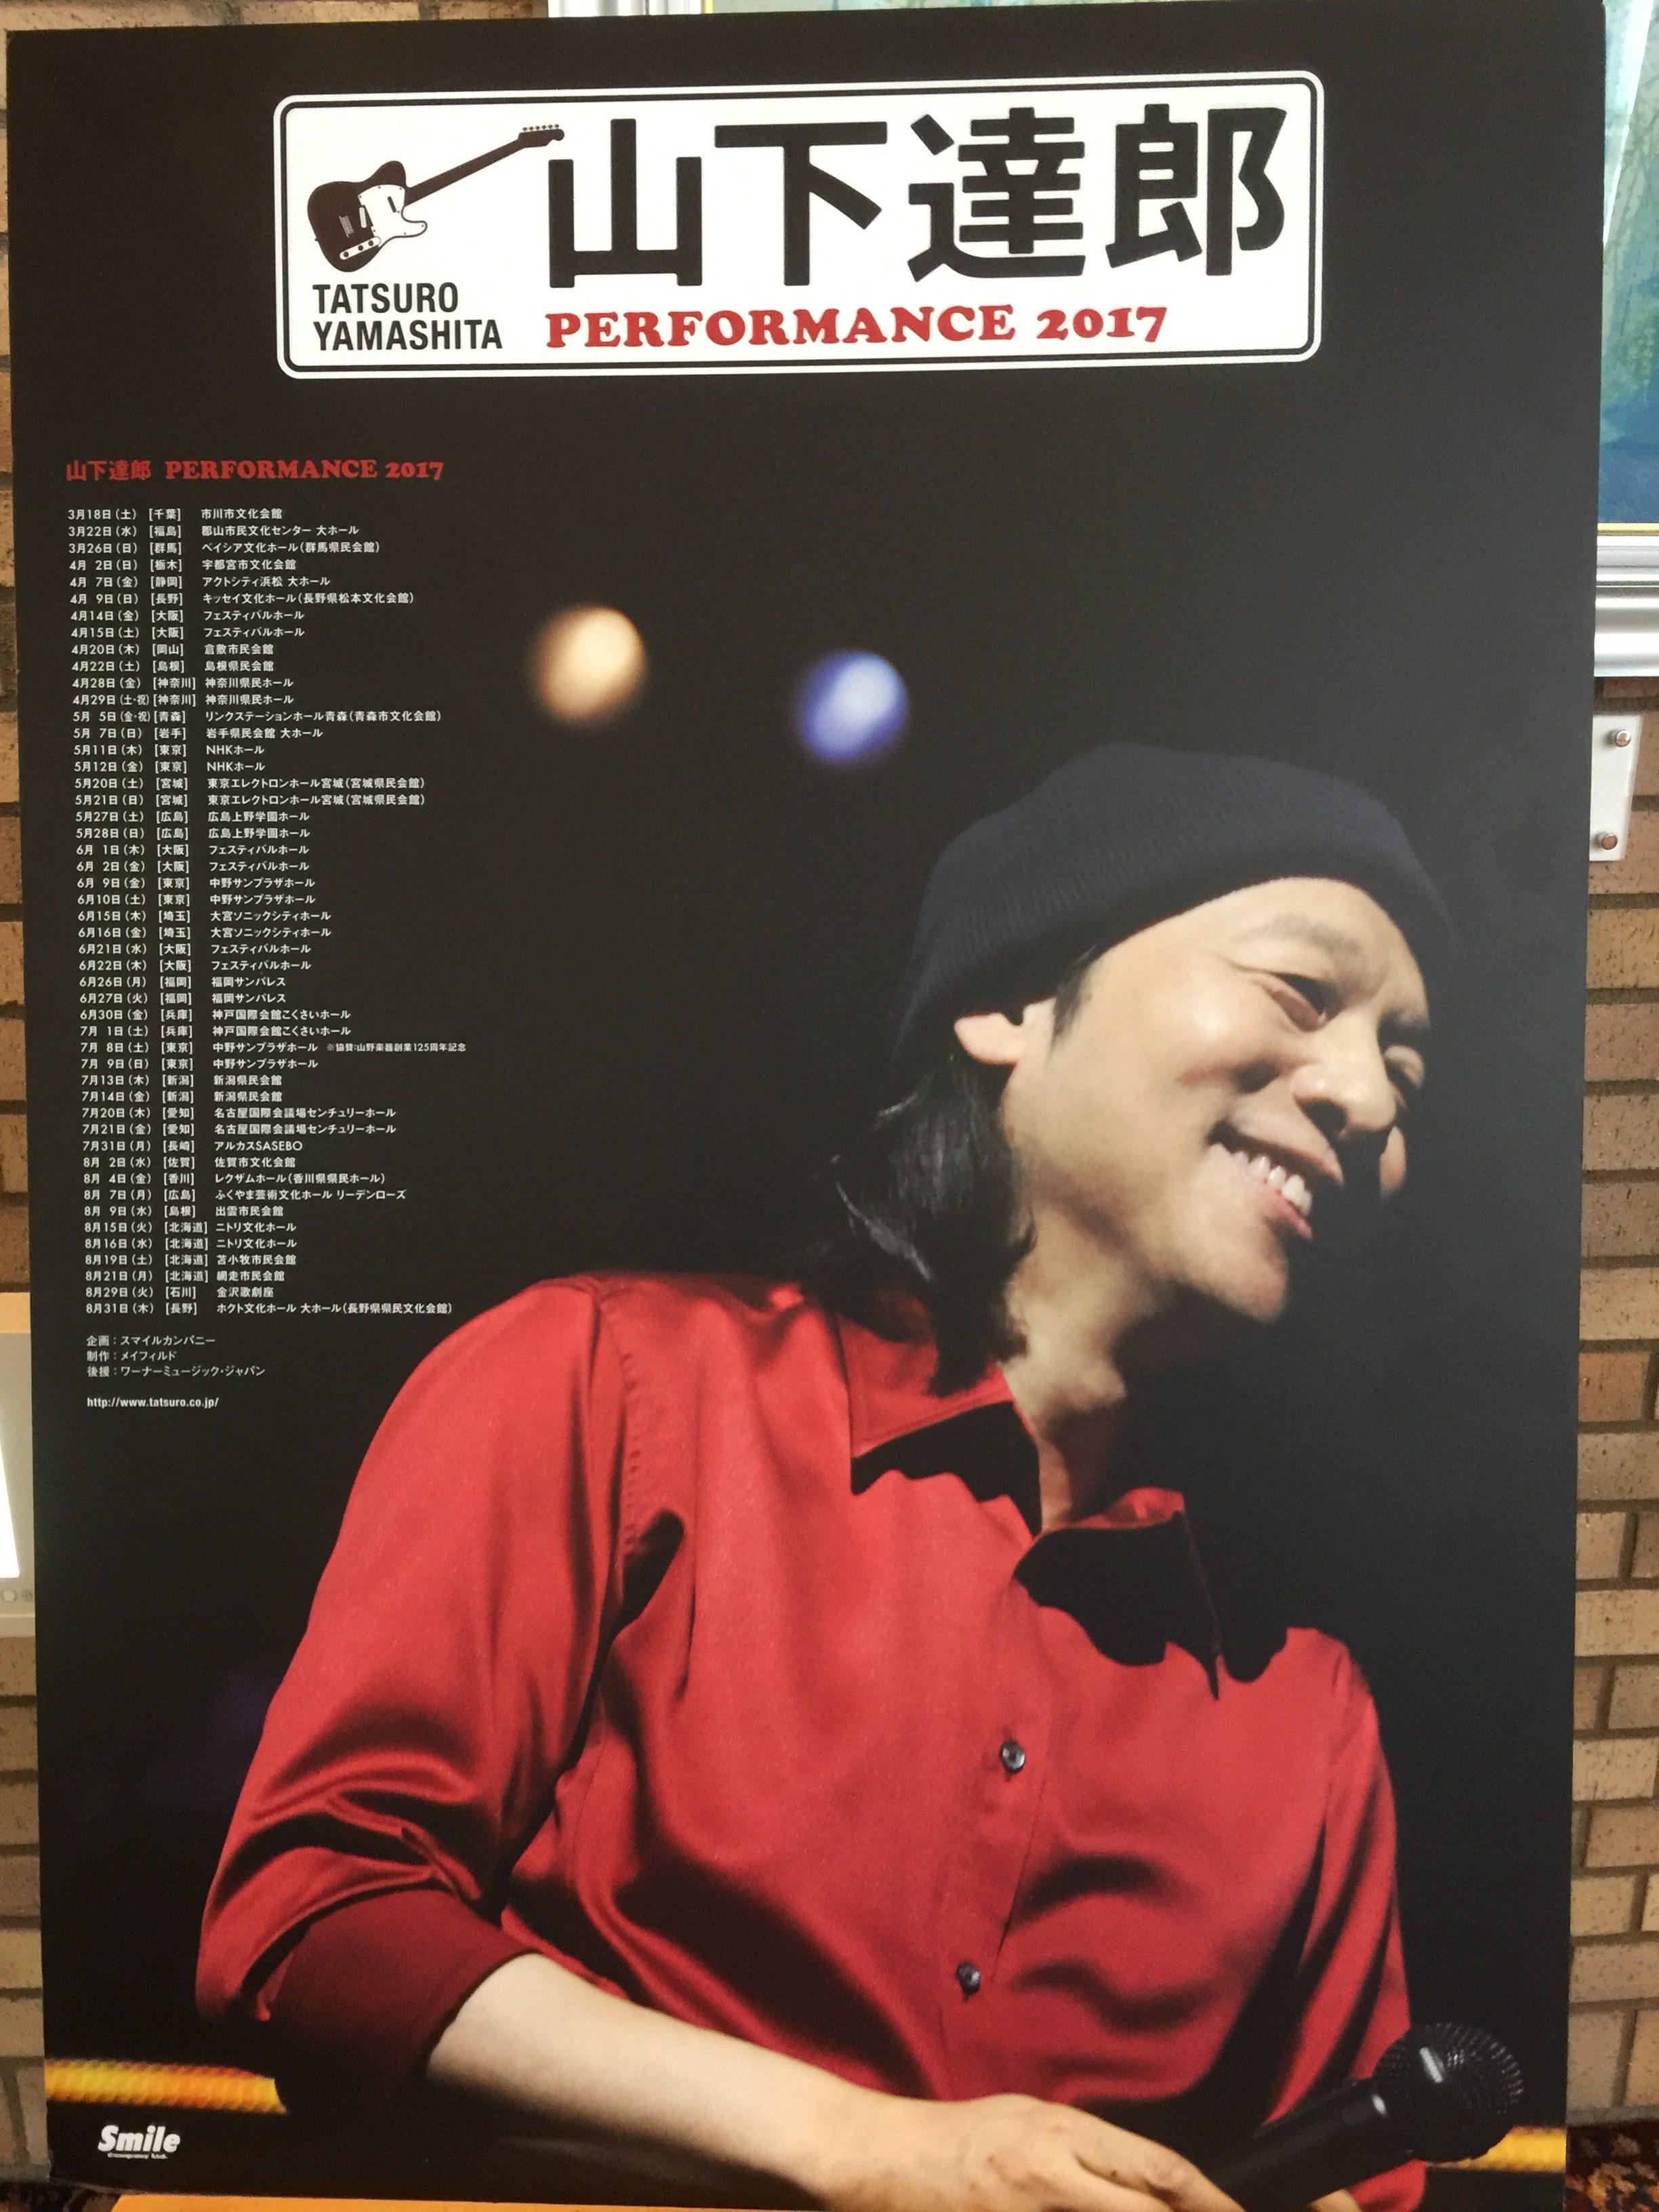 山下達郎「PERFORMANCE 2017」のポスター写真